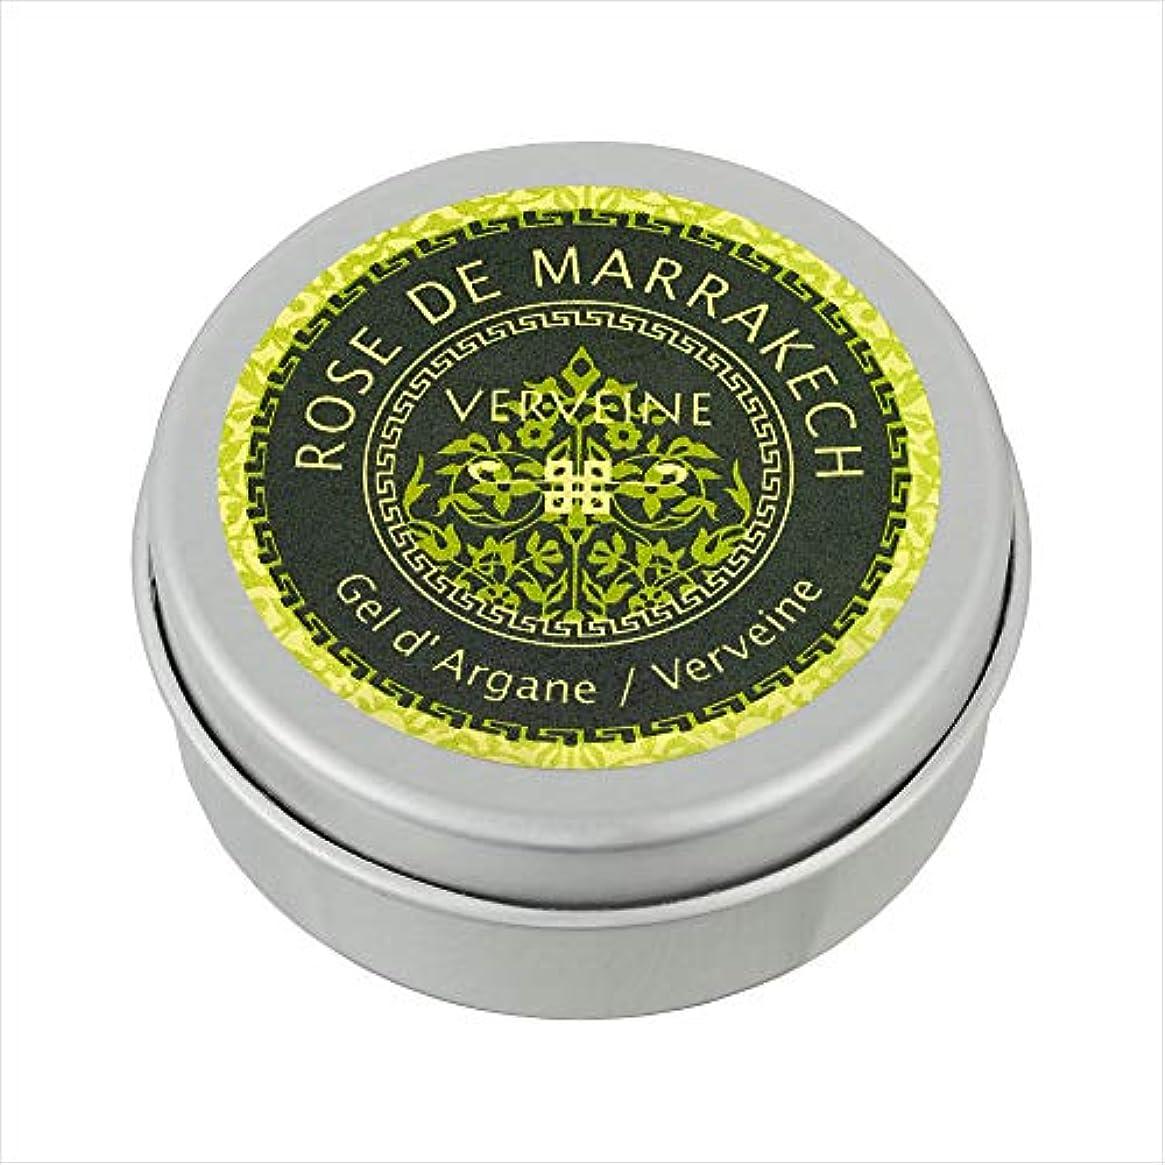 ローズ ド マラケシュ ジェル ド ヴェルヴェーン 15g( アルガンオイル 70%配合保湿 バーム )